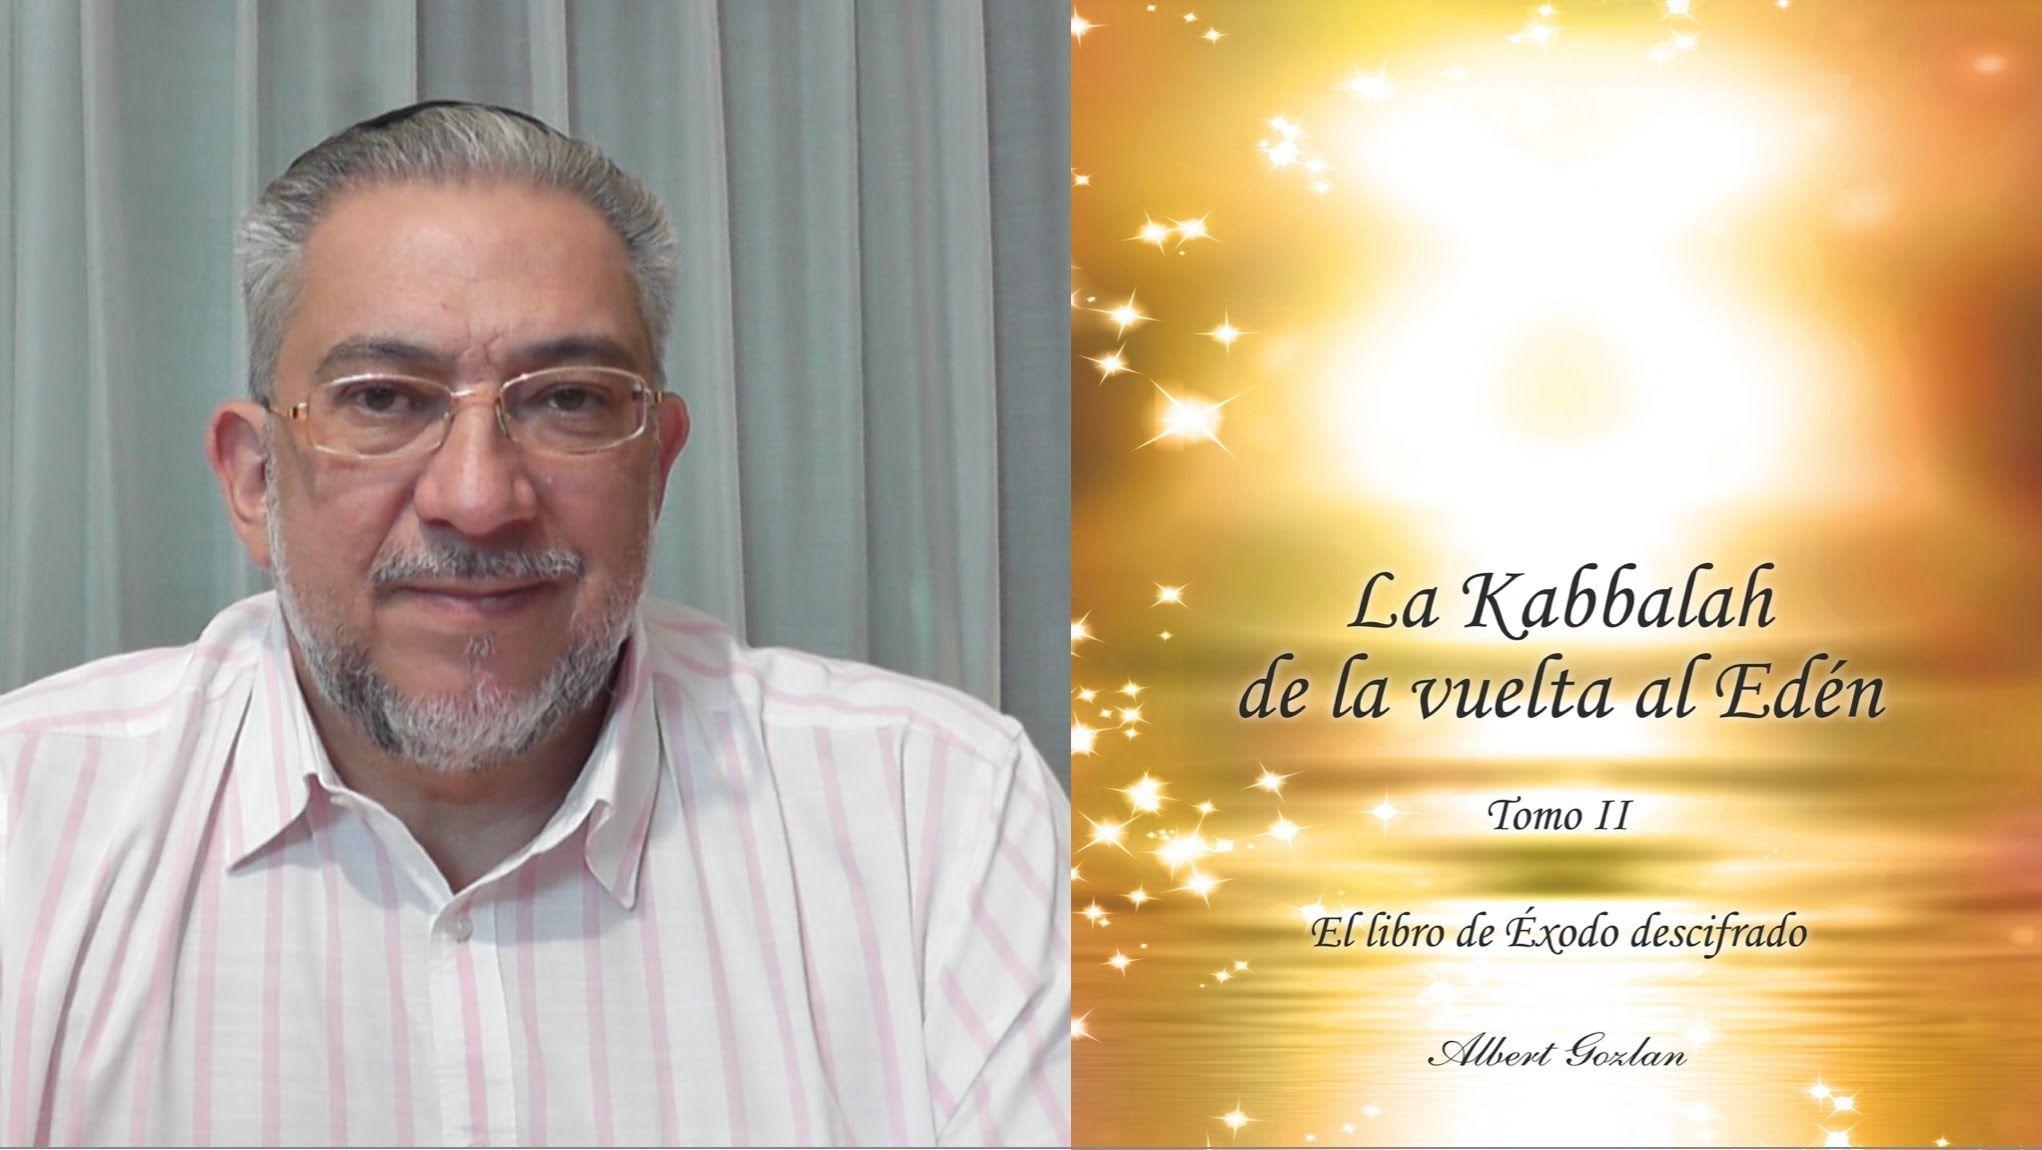 Libro: La Kabbalah de la vuelta al Edén - Tomo 2 - presentado por Albert...